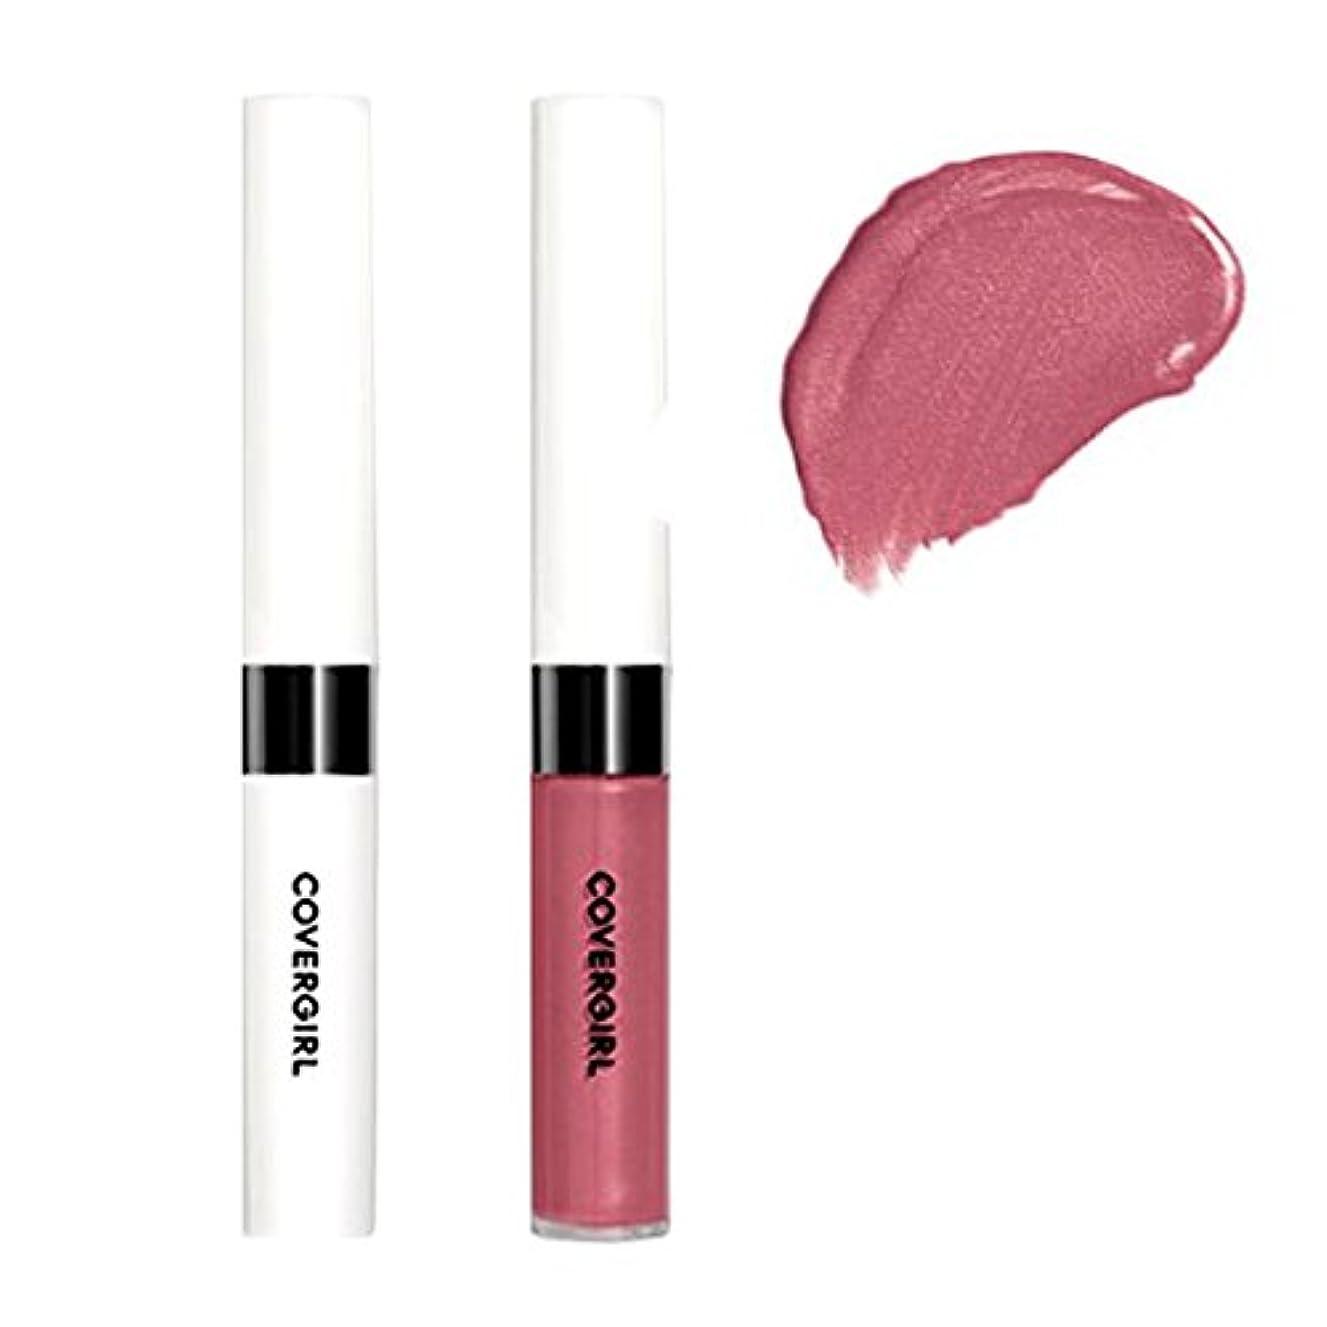 注入シャッフル明るくするCOVERGIRL Outlast All-Day Moisturizing Lip Color, 555 Blossom Berry (Packaging may vary) [海外直送品]